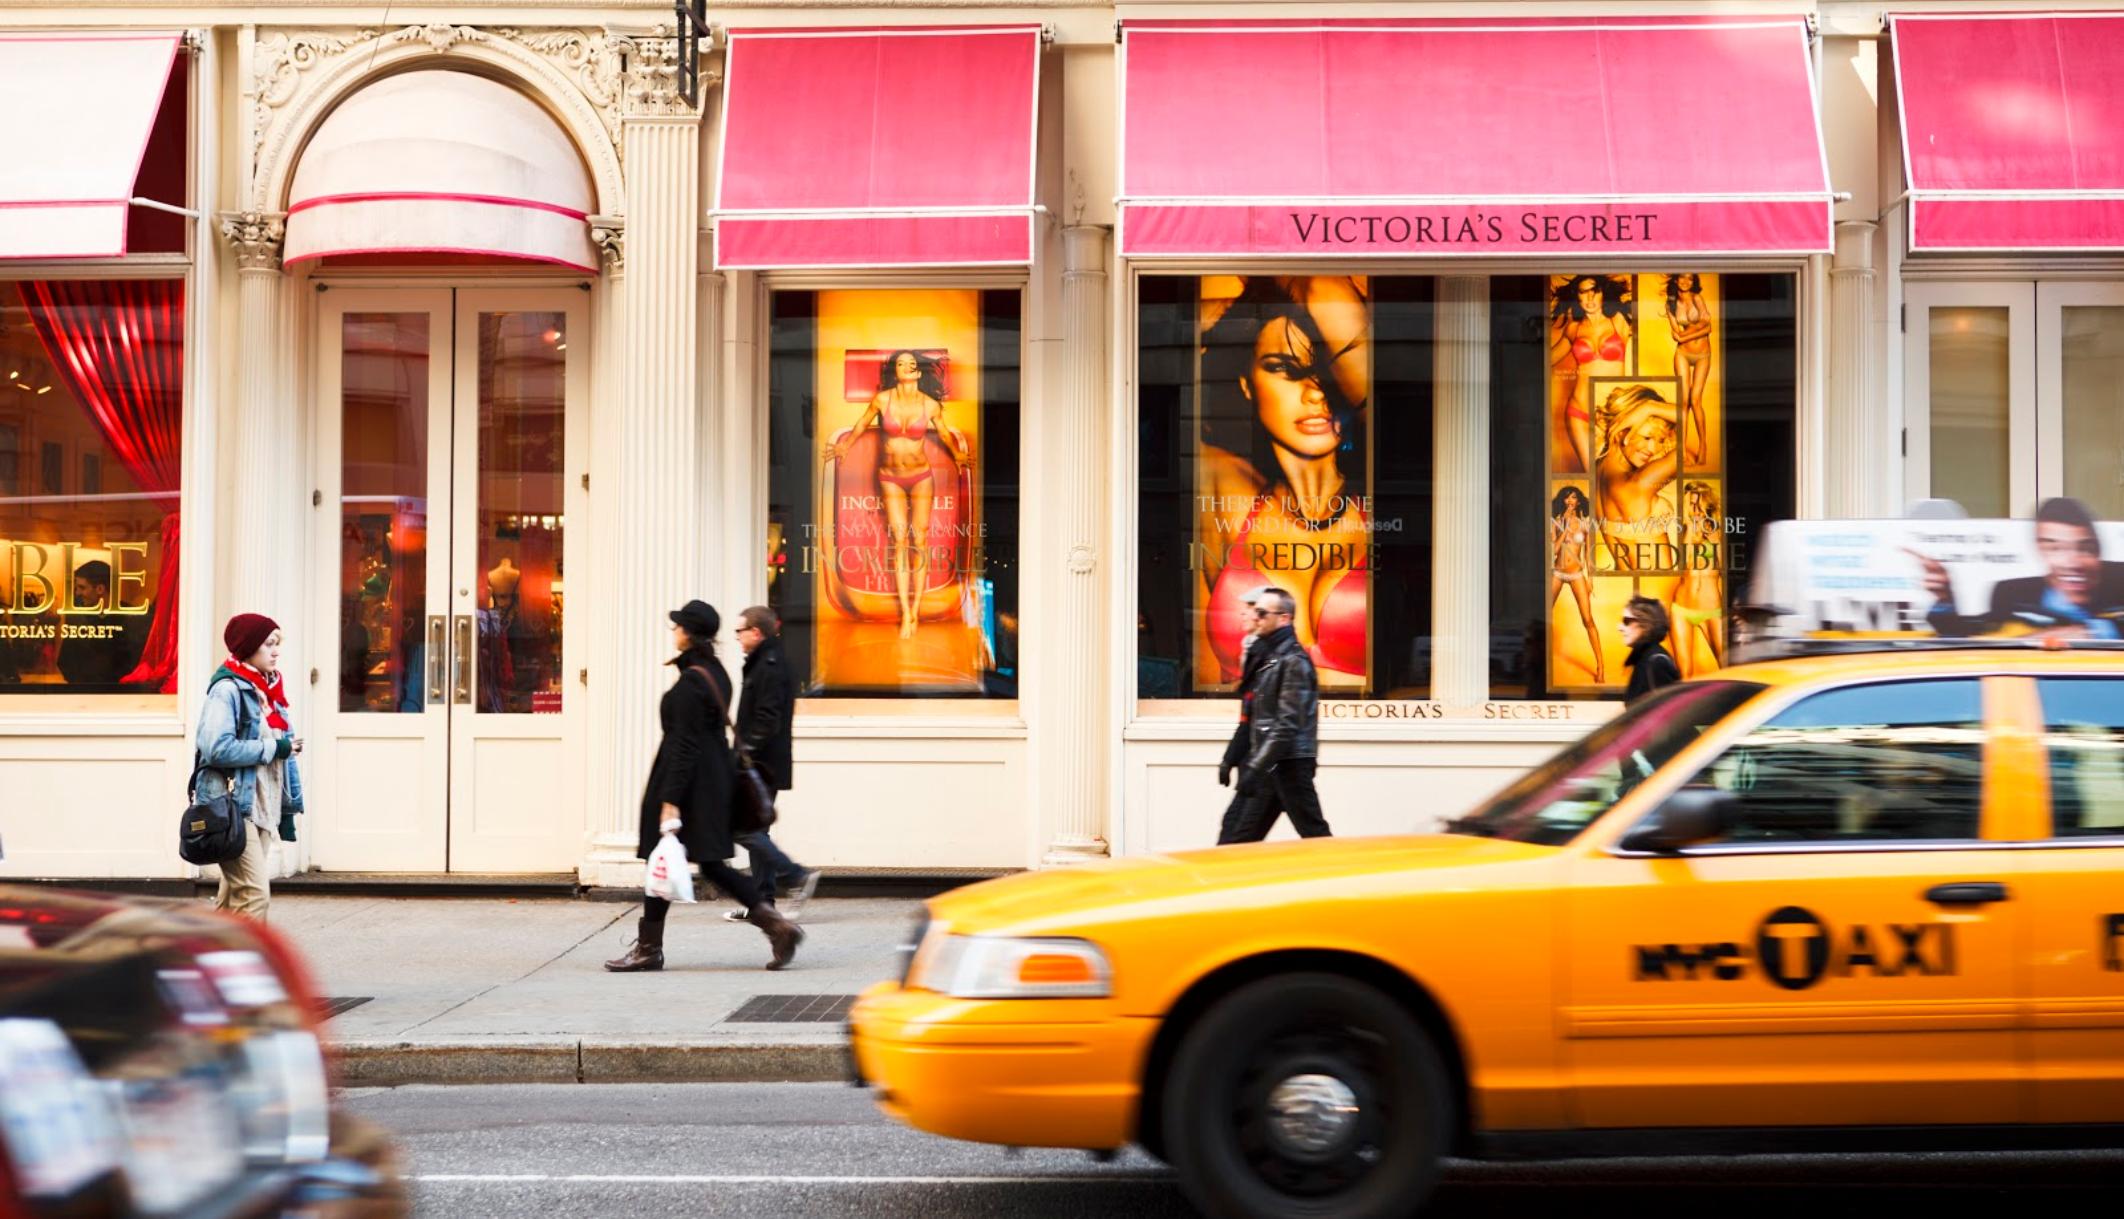 Victoria's Secretis mansetis olev must naine süüdistab rasside profileerimist